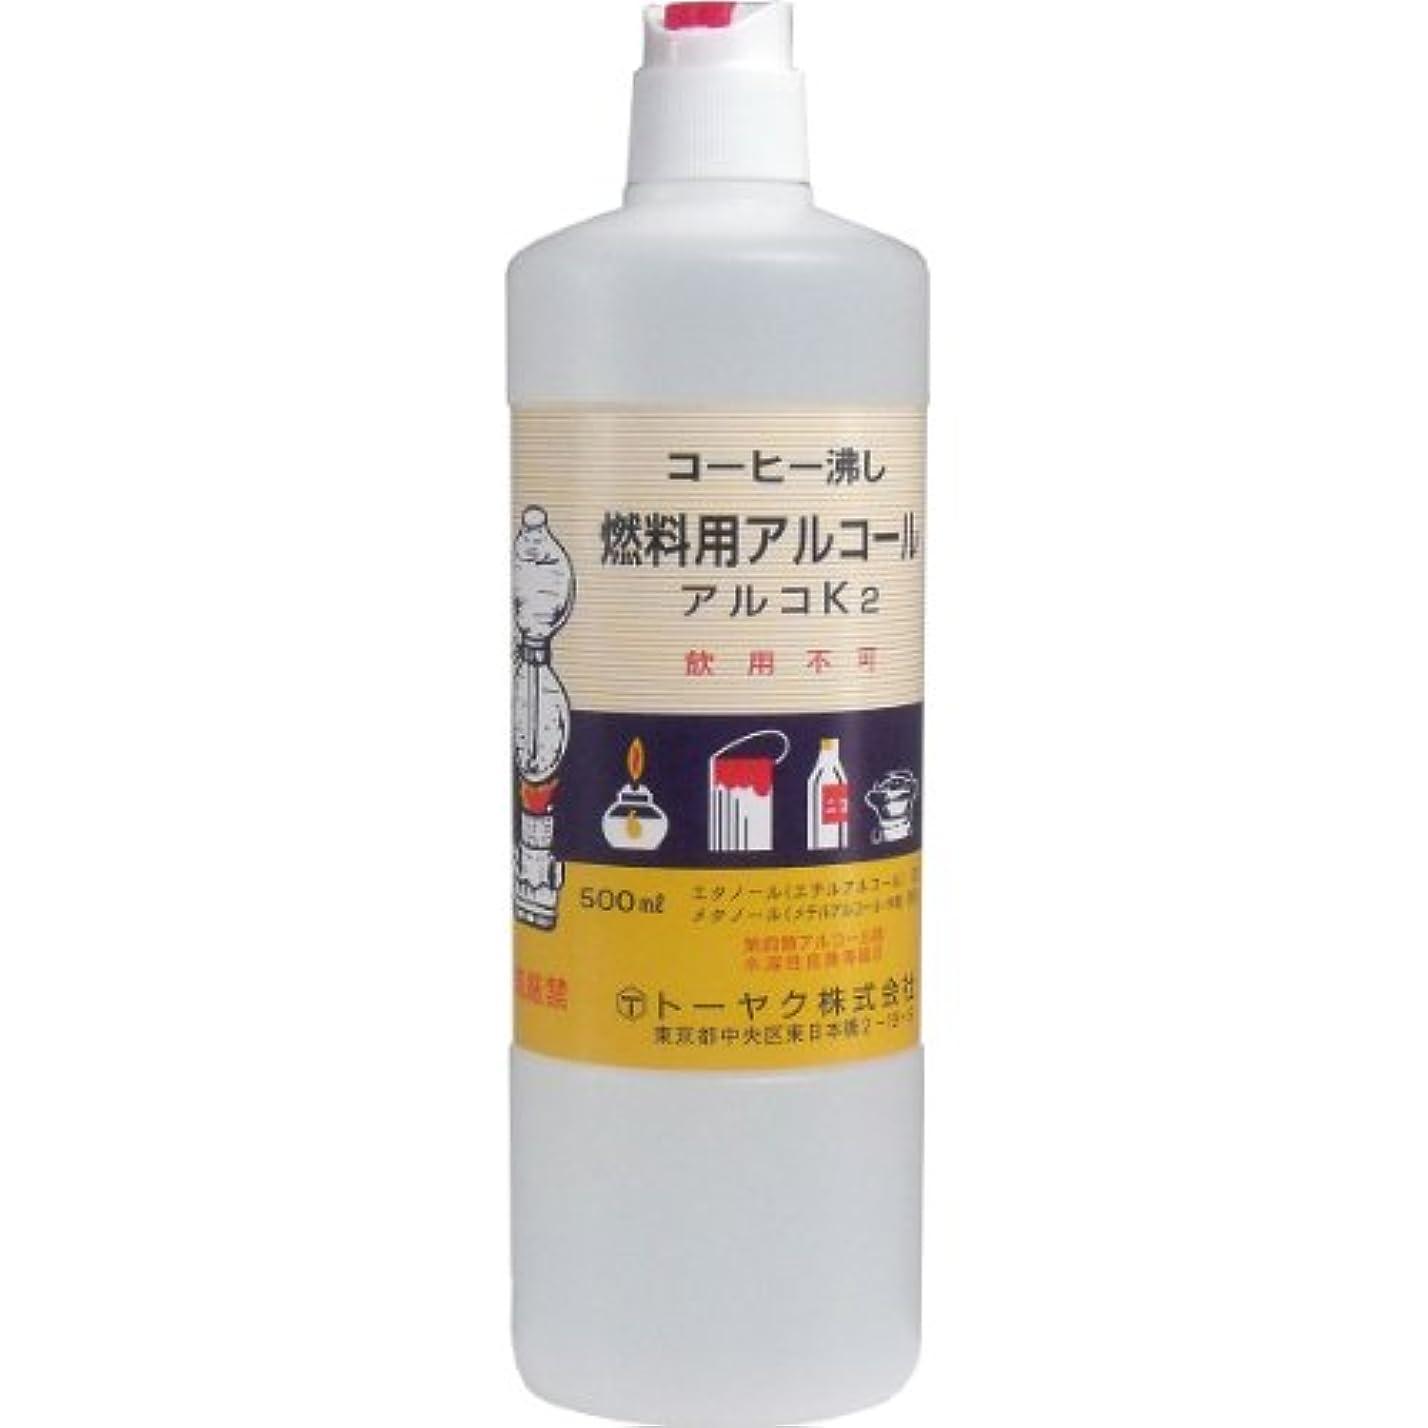 普及分泌する静める燃料用アルコール アルコK2 ×3個セット